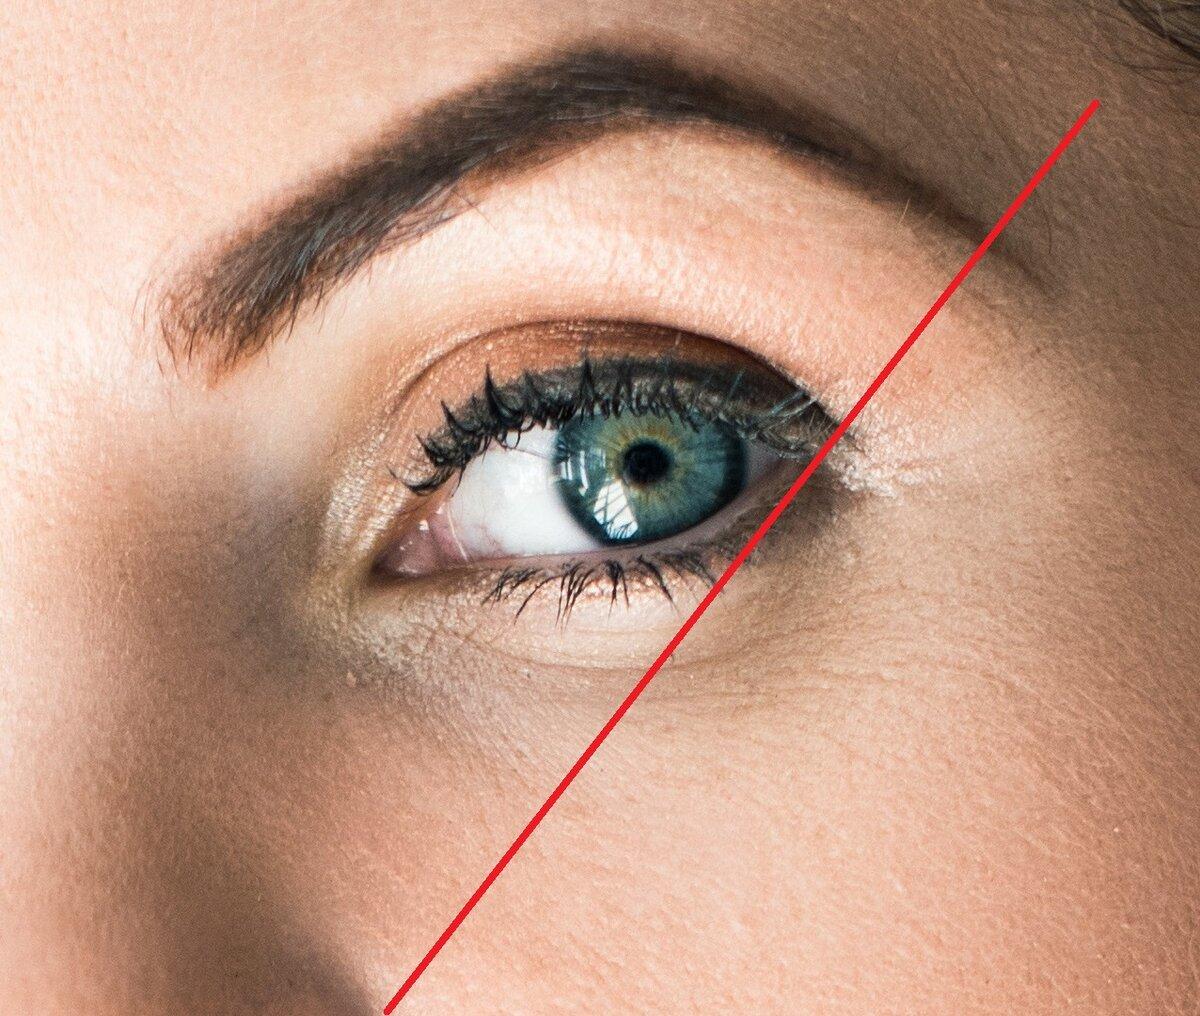 Маленький кусочек брови, который остался за линией, подчеркивает возраст и делает взгляд более возрастным